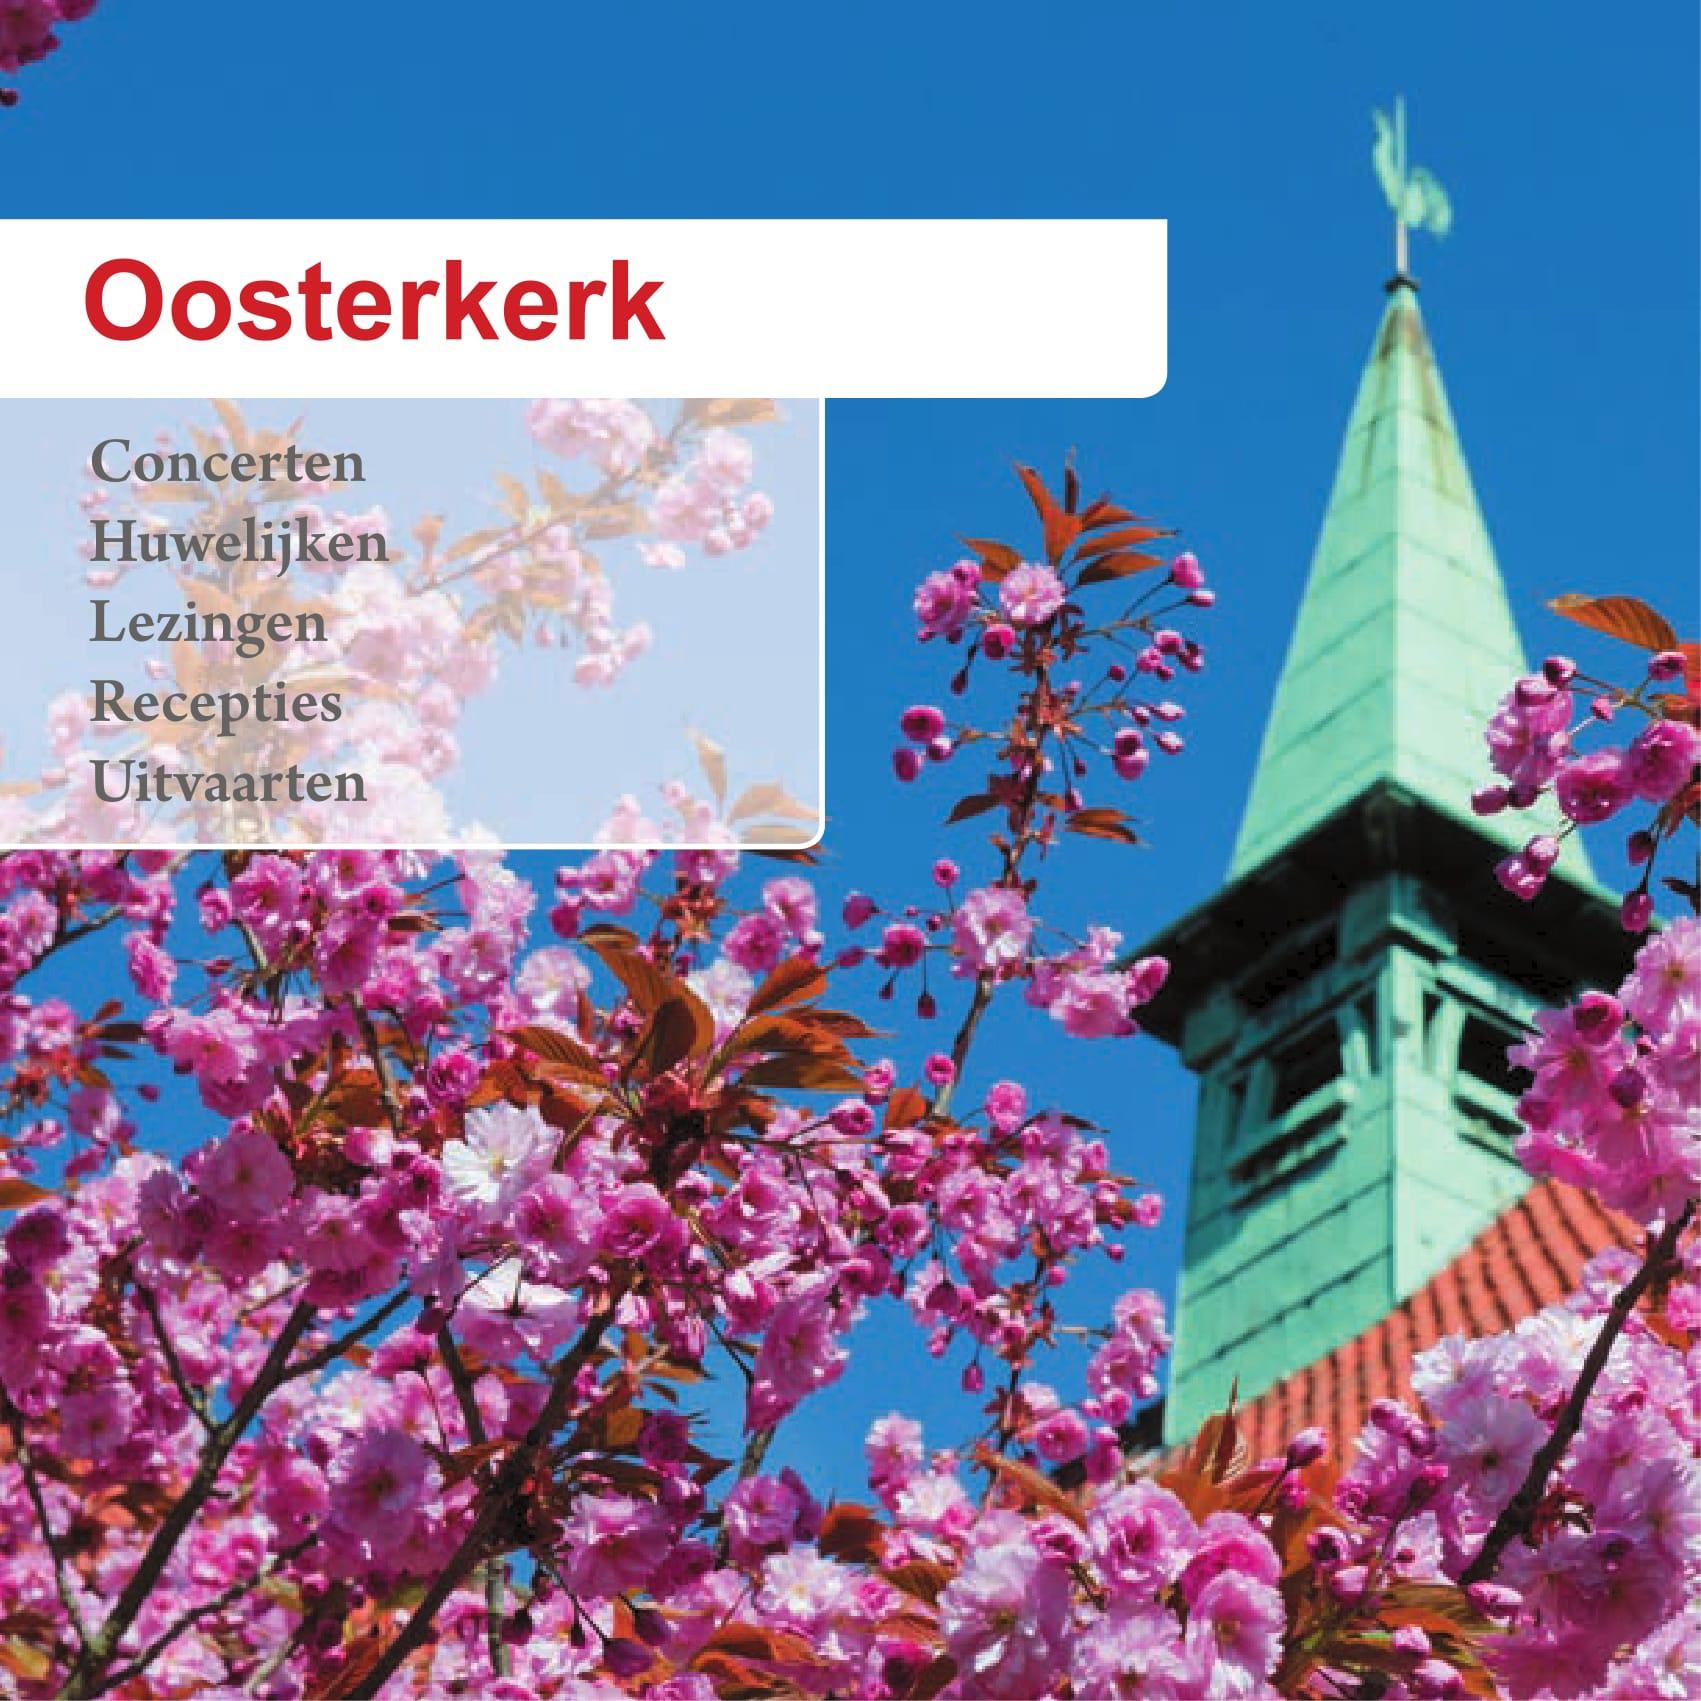 Verhuur Oosterkerk - Mailable-01